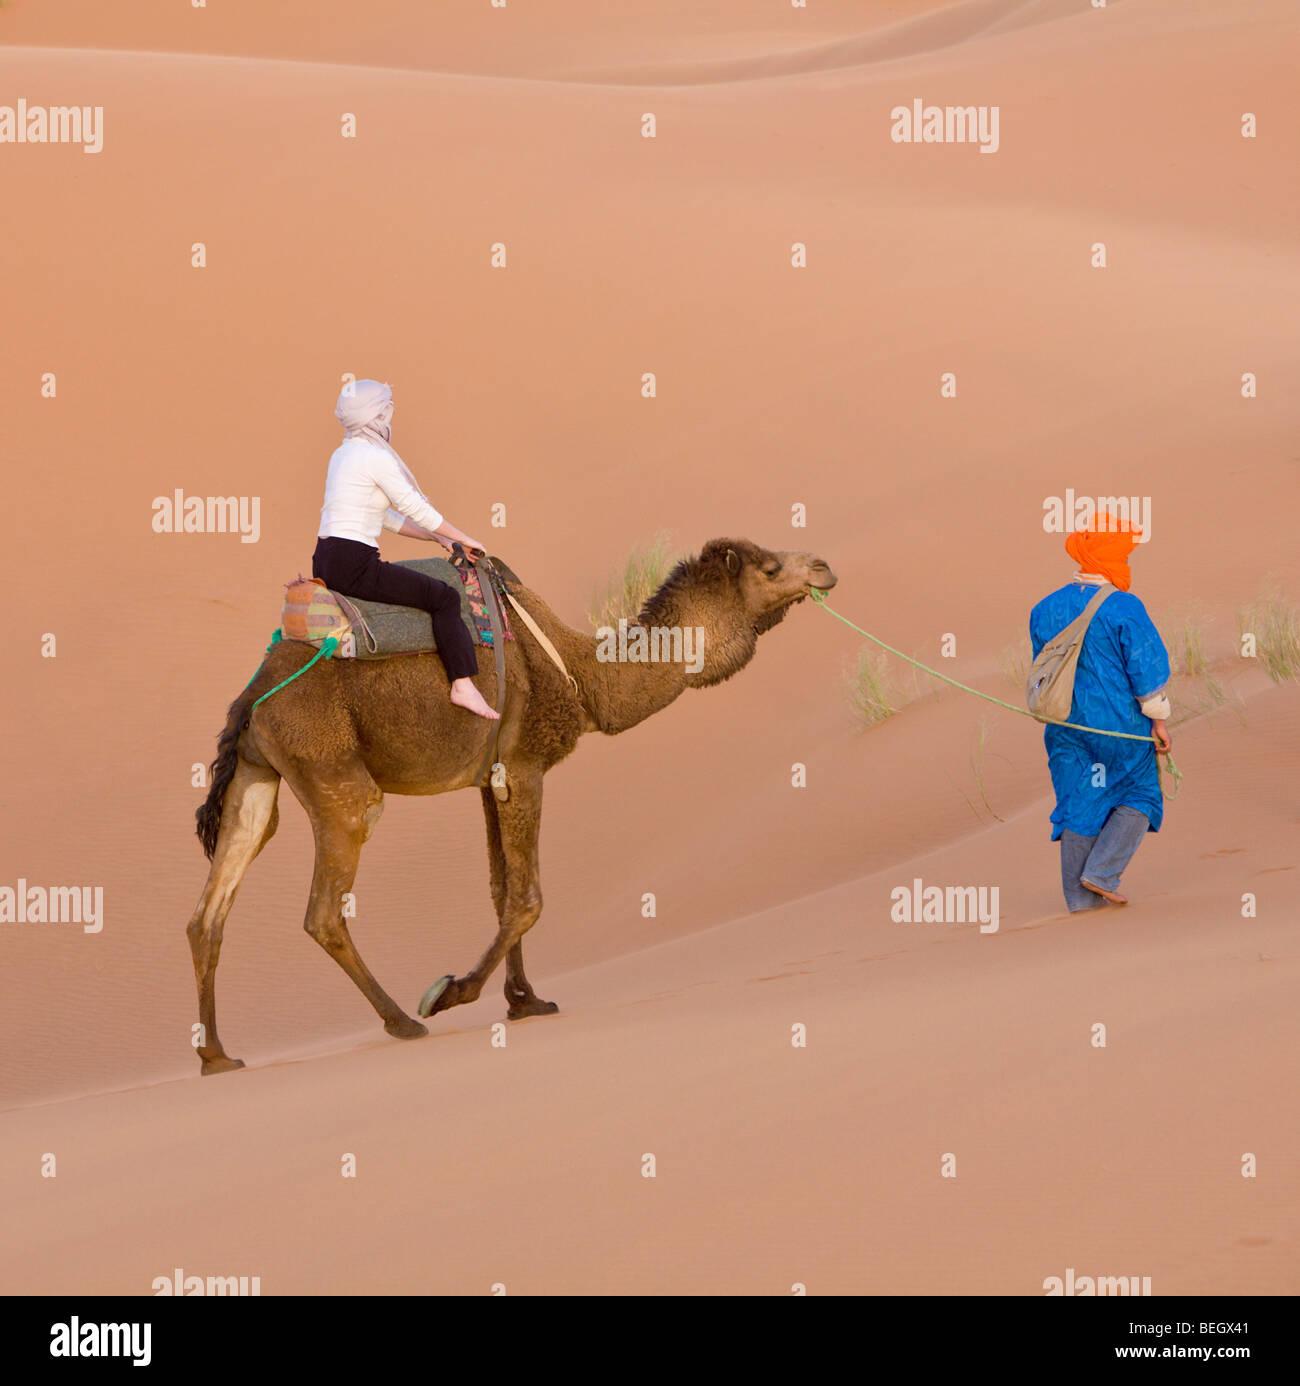 Tourist on a camel ride Merzouga Dunes Sahara Morocco Stock Photo